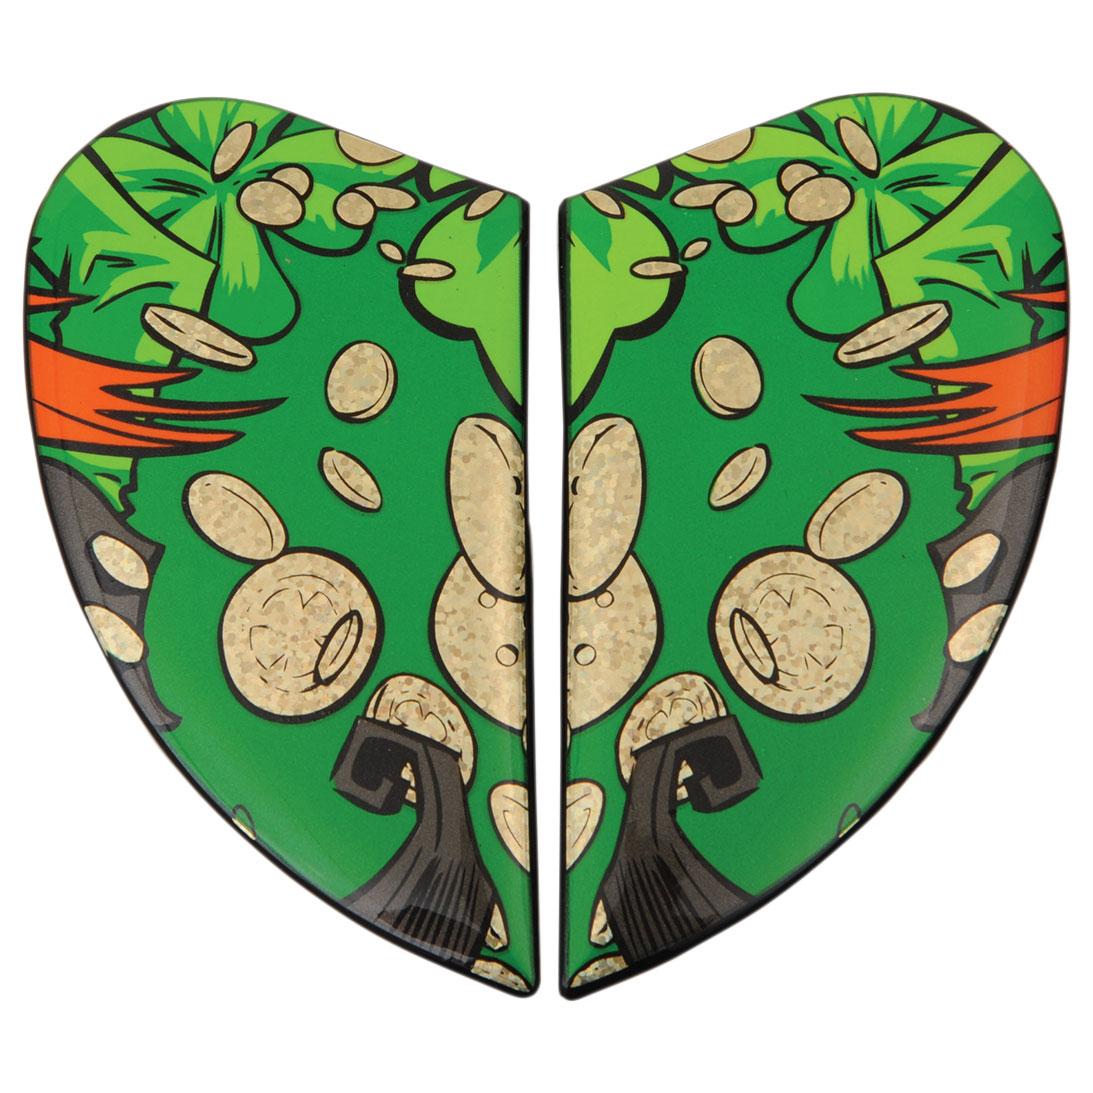 ICON Airmada Lepricon Green Sideplates